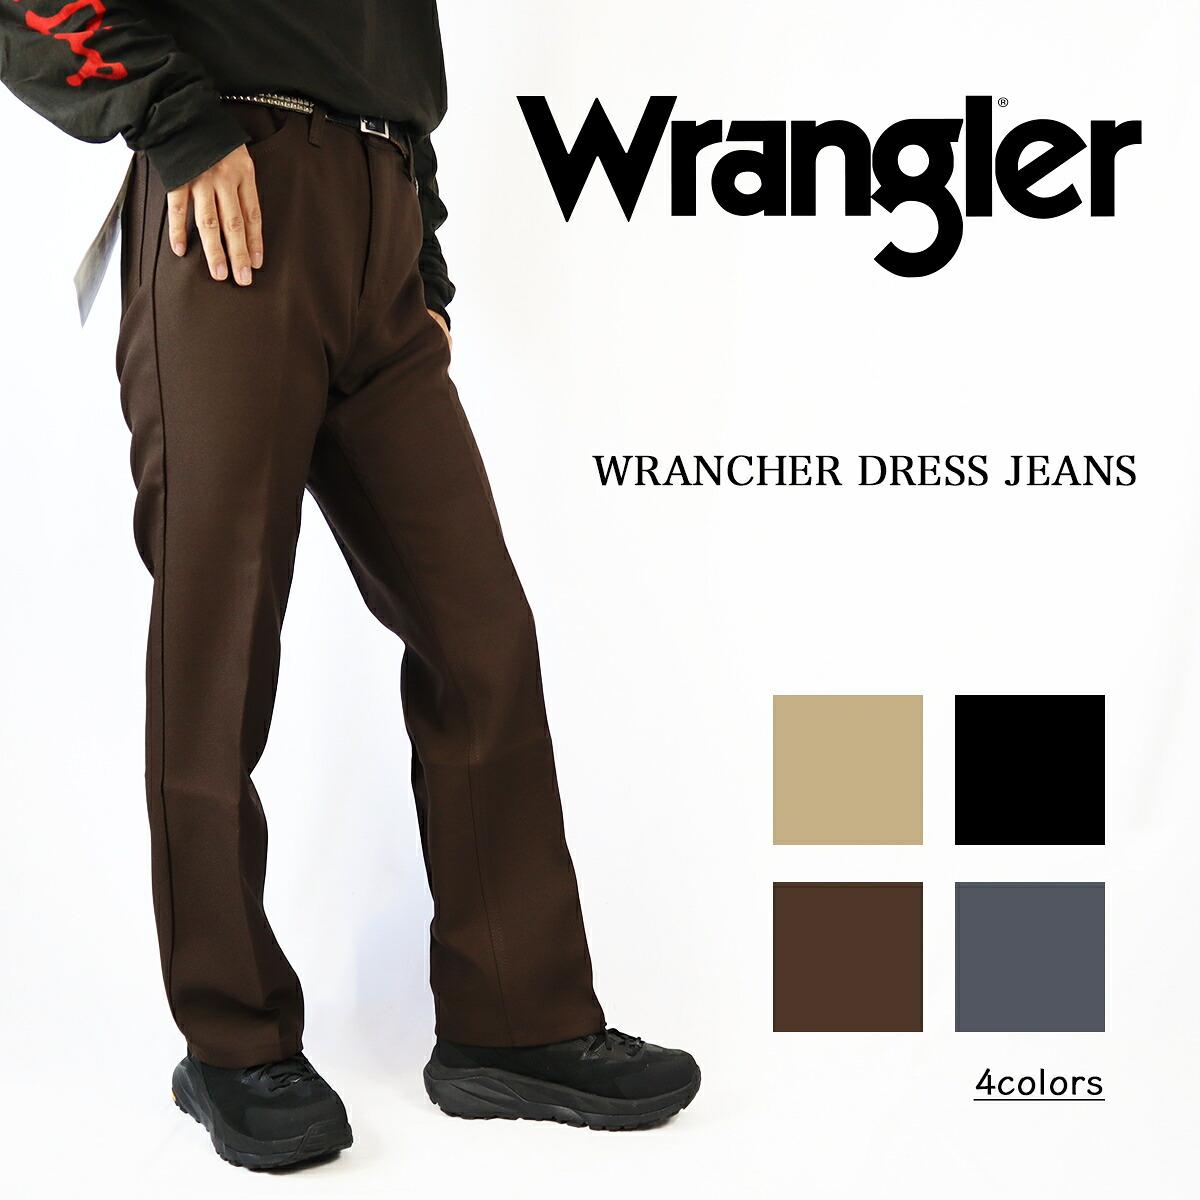 40s Ranch Pants 39\u201dW x 30\u201dW